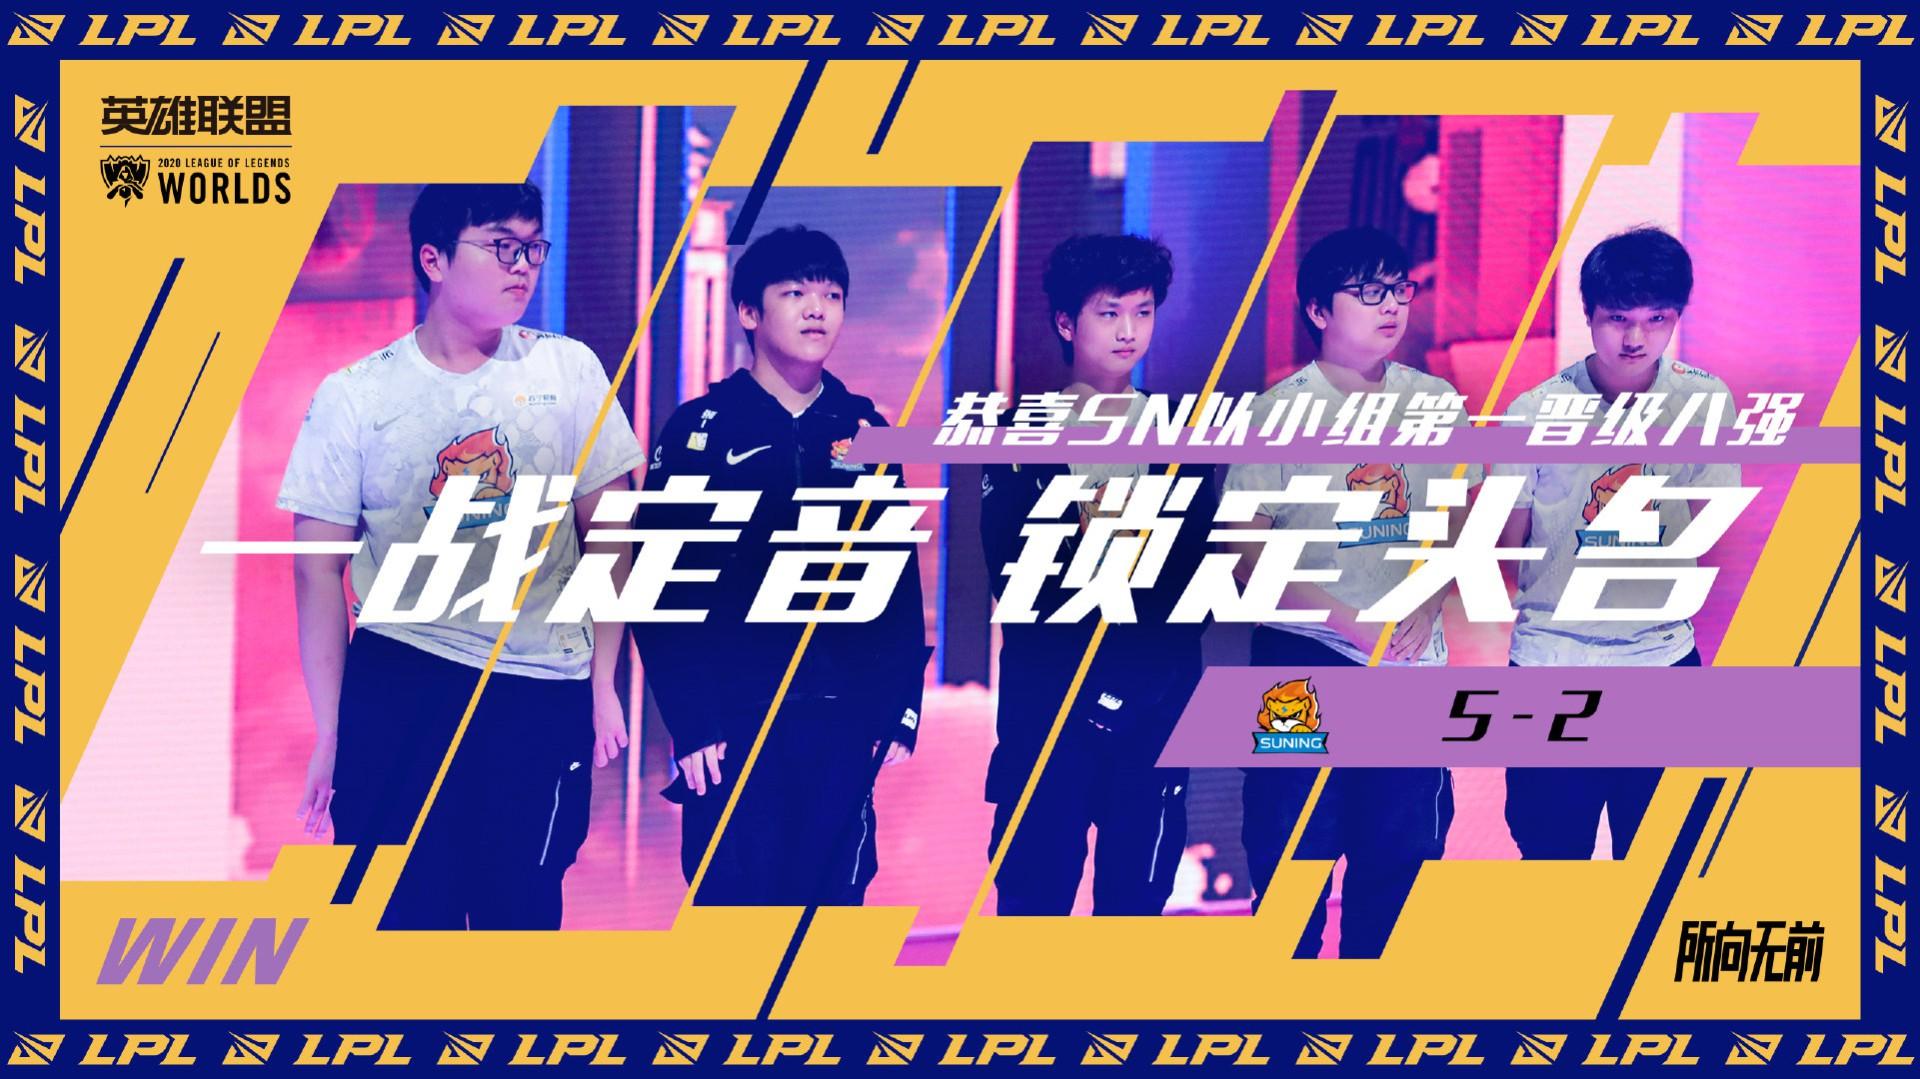 《英雄联盟》S10小组赛SN战胜G2 小组第一晋级八强 电竞竞猜官网